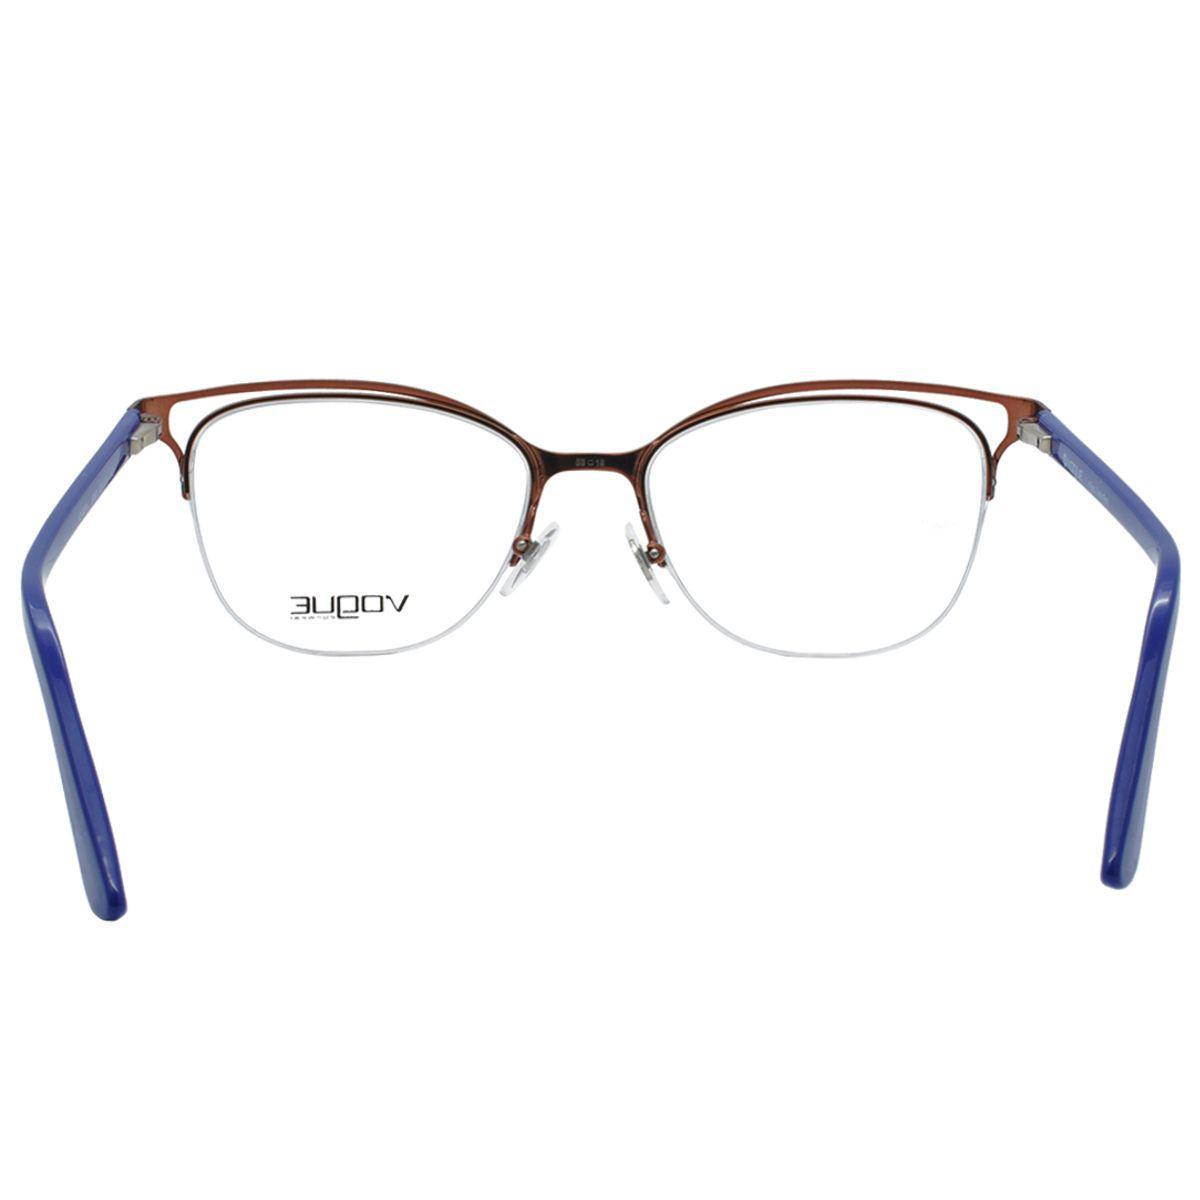 1676fcad6 Óculos de Grau Vogue Feminino VO4087L 5080 - Metal e Acetato Roxo R$ 494,00  à vista. Adicionar à sacola